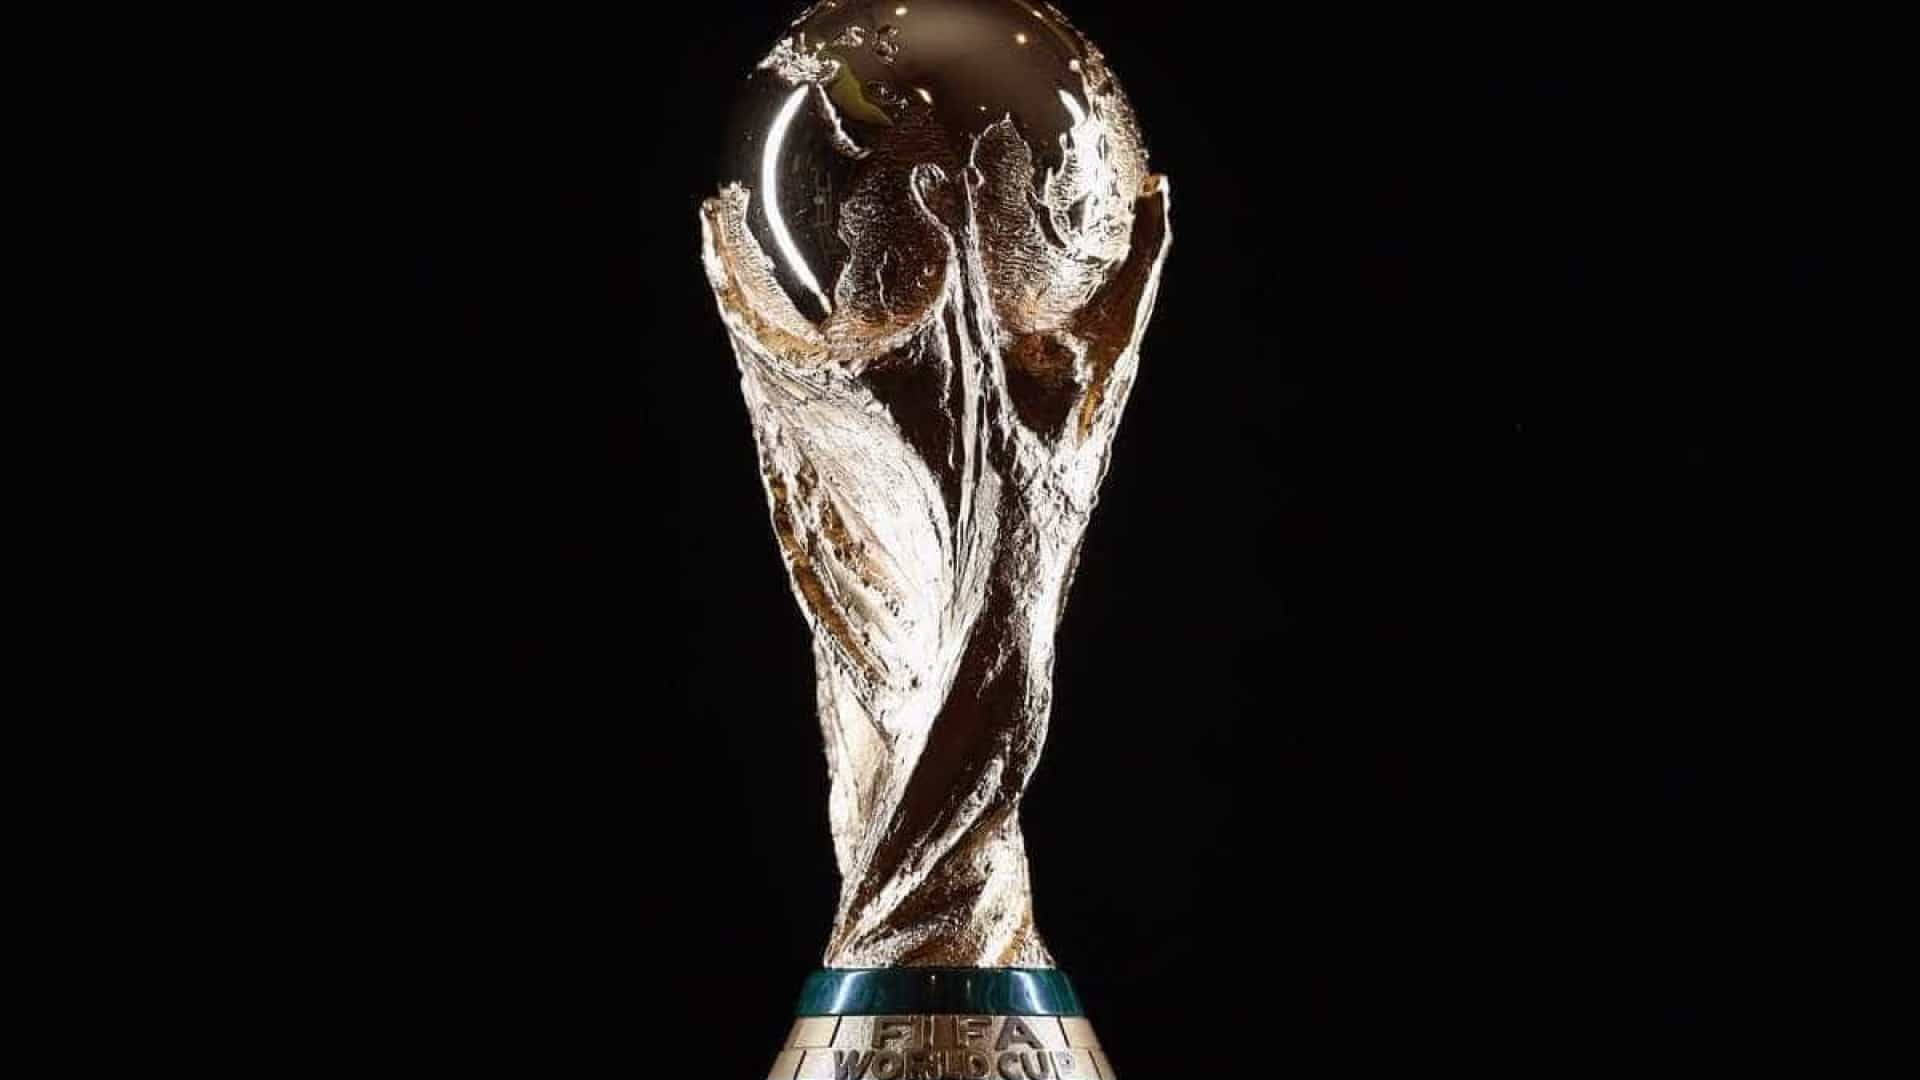 Confira a tabela com os jogos da Copa do Mundo Rússia 2018